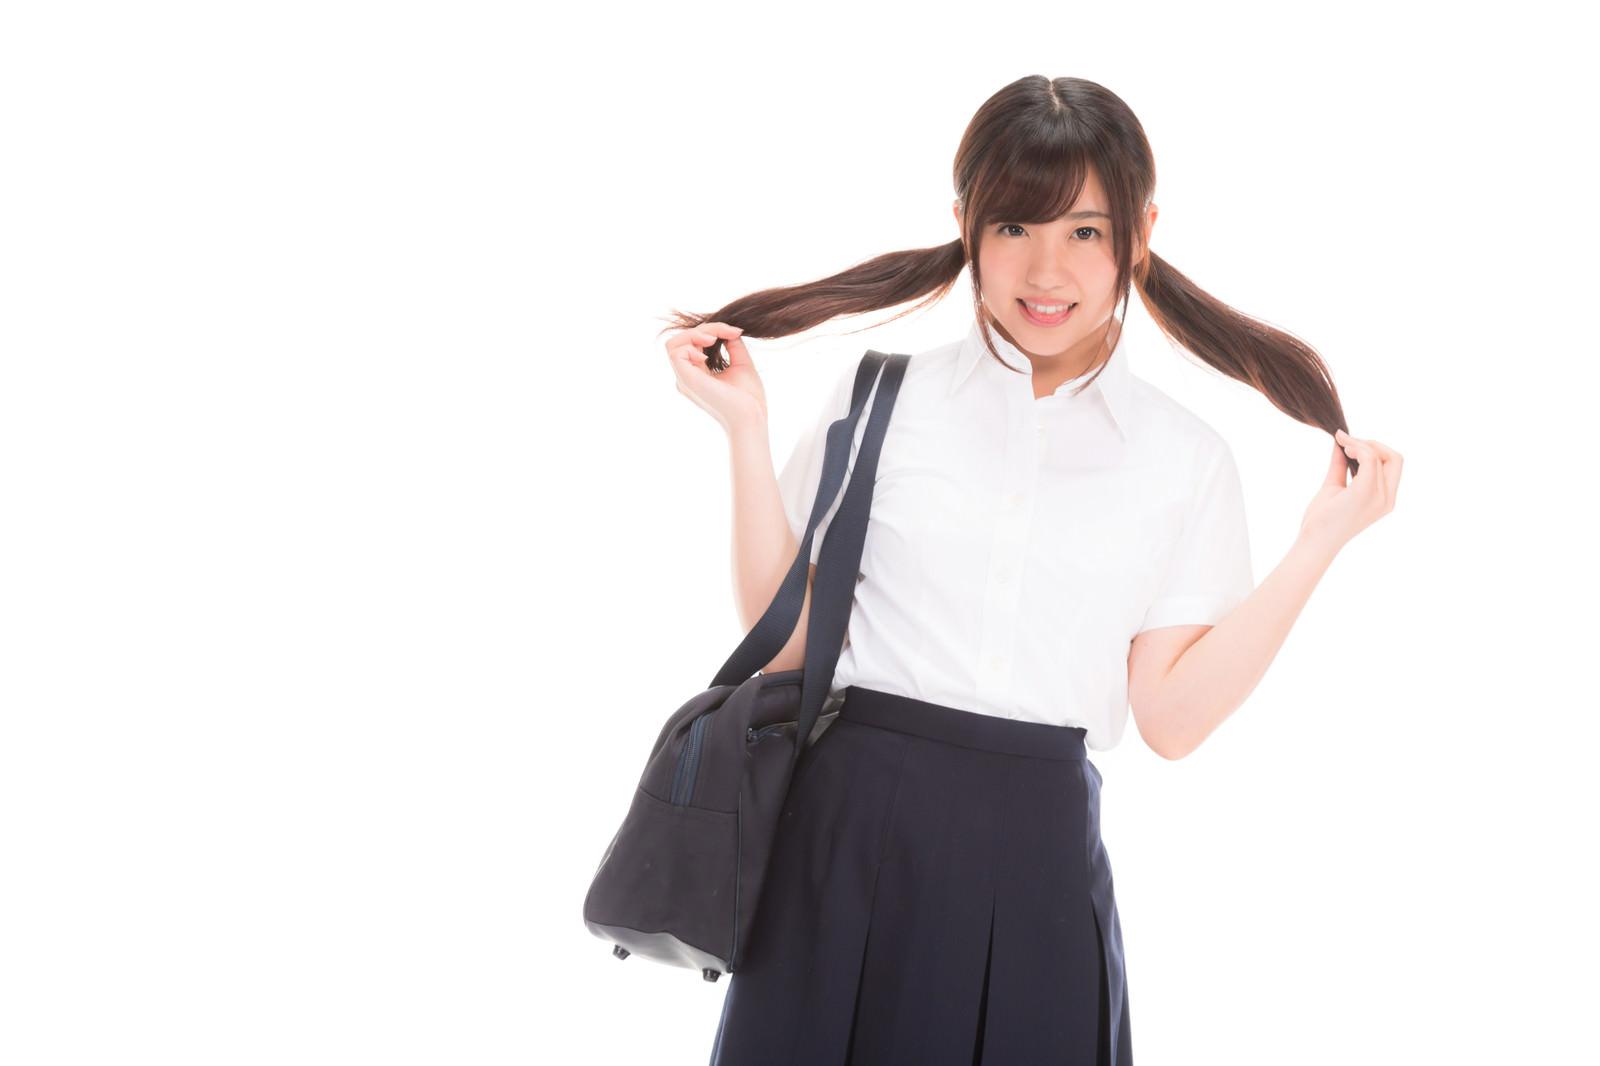 「ちょっぴり照れる女子高生ちょっぴり照れる女子高生」[モデル:河村友歌]のフリー写真素材を拡大